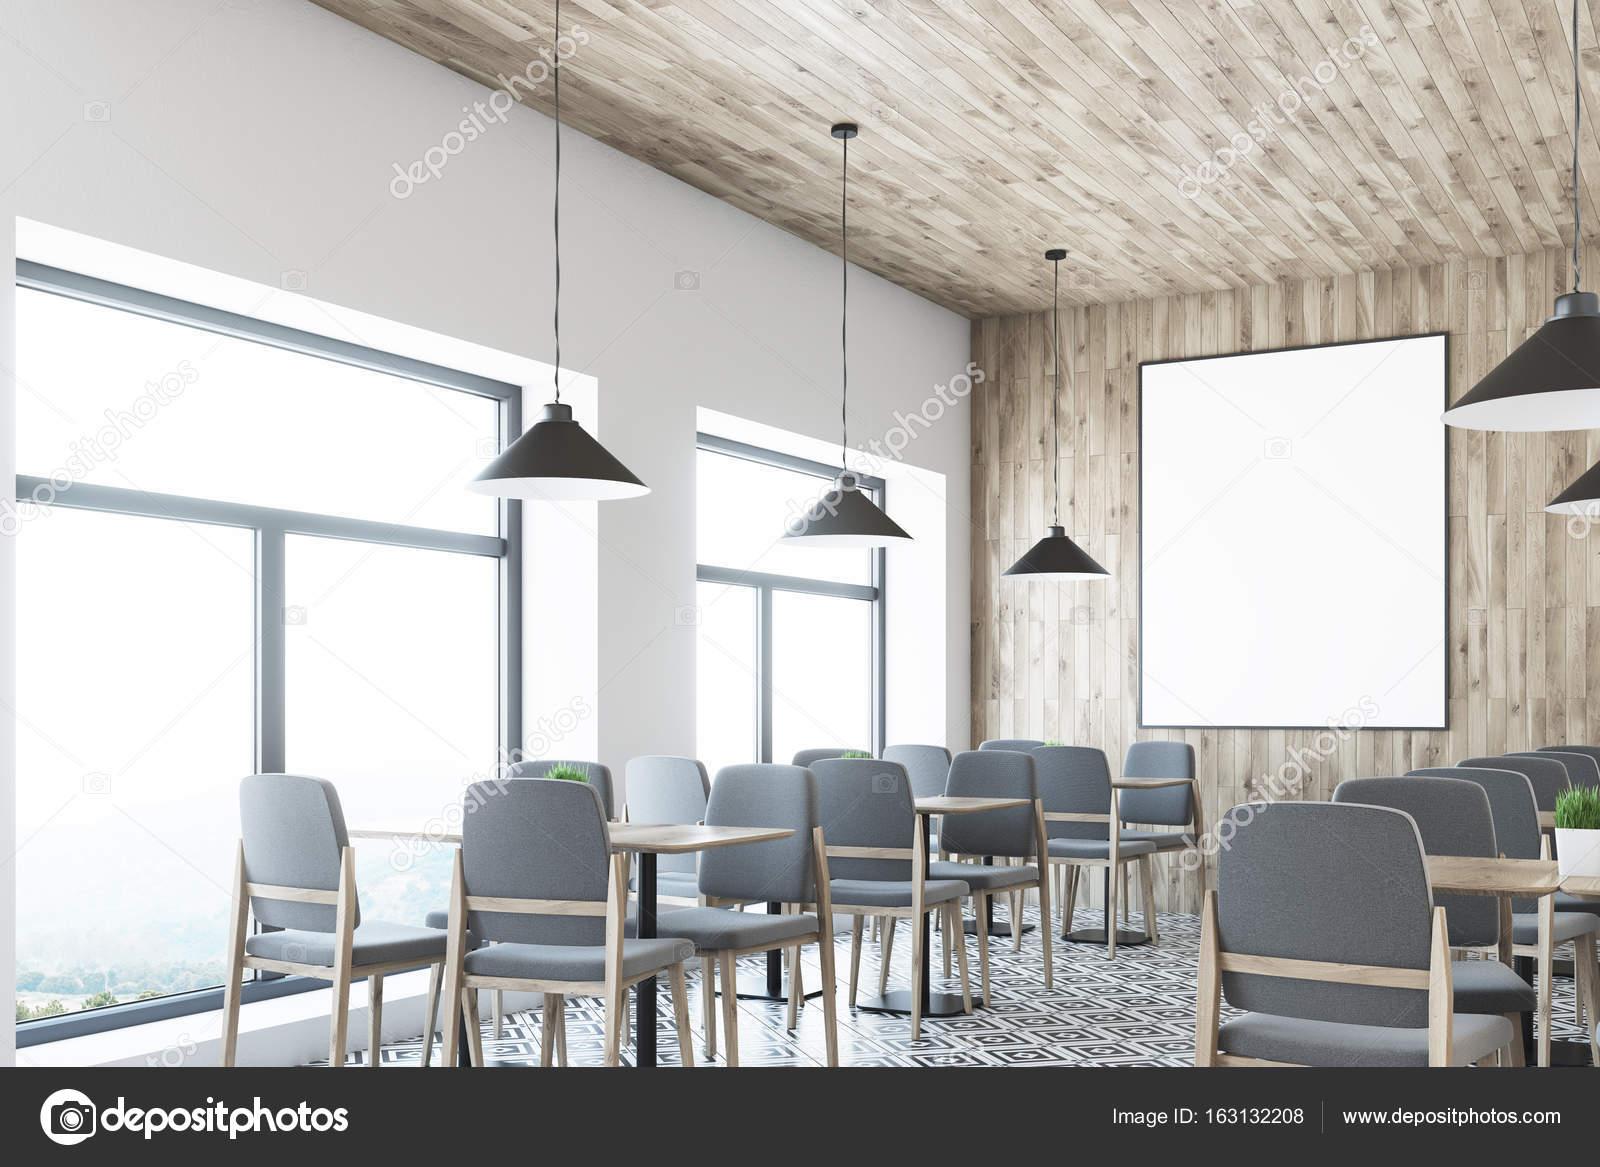 Soffitti In Legno Bianchi : Soffitto di legno bianco soffitti in legno bianco sabbiatura